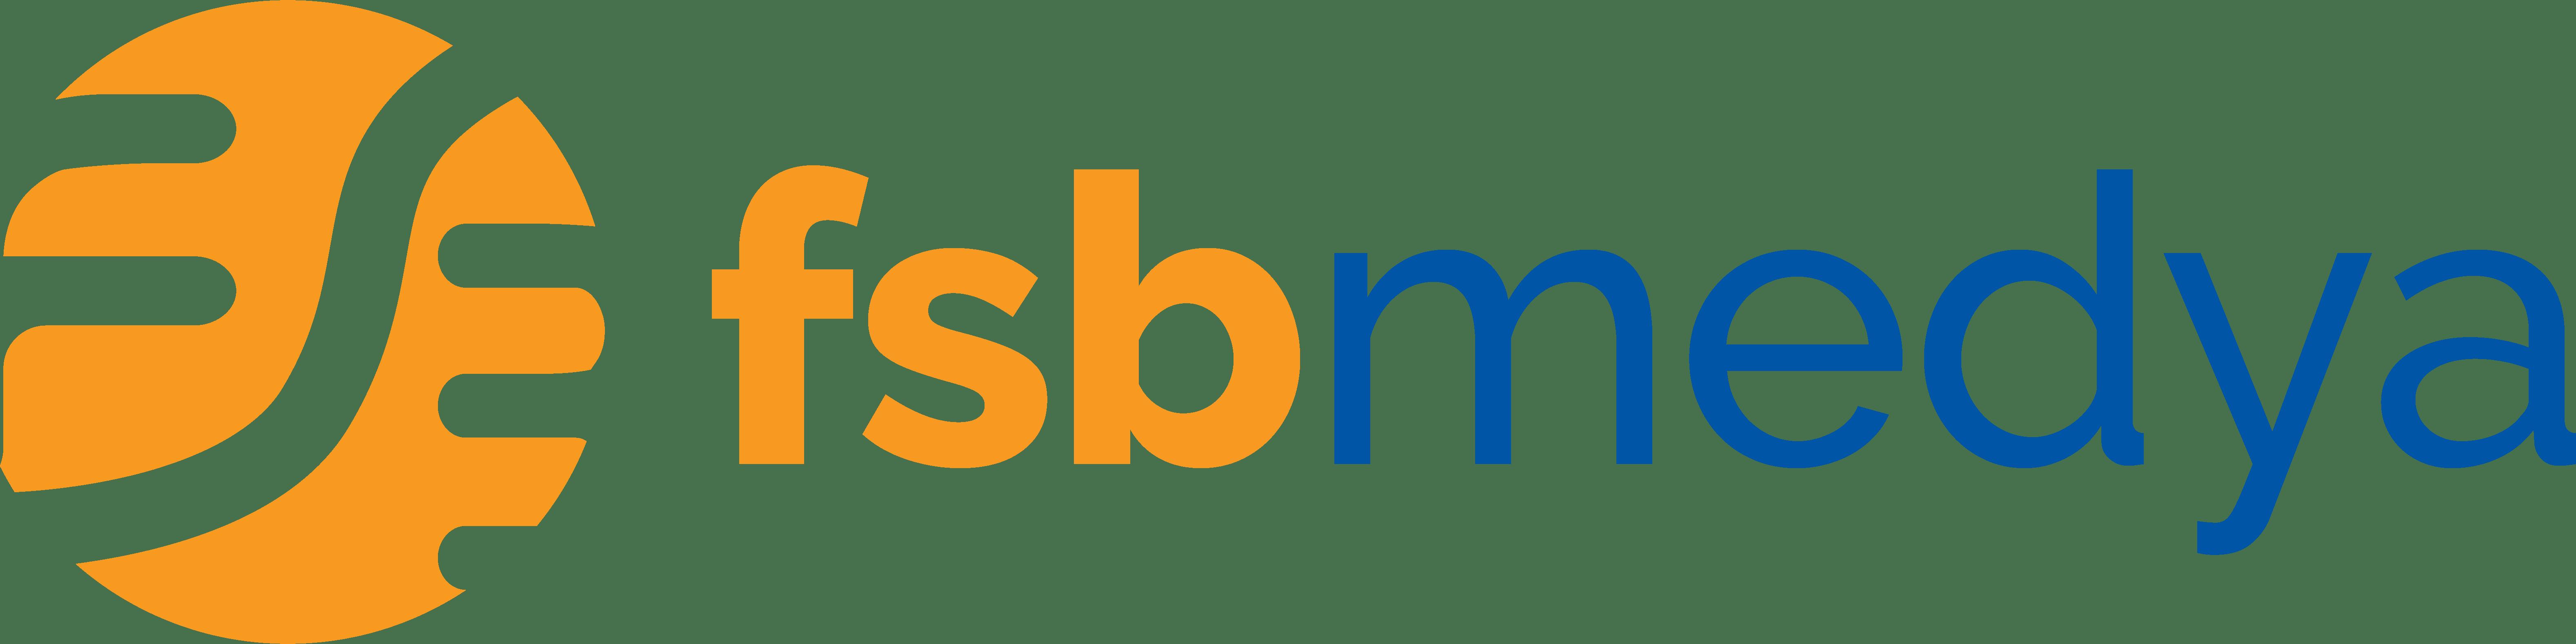 FSB Medya: Dijital Reklam, Web Tasarım ve SEO-SEM Ajansı